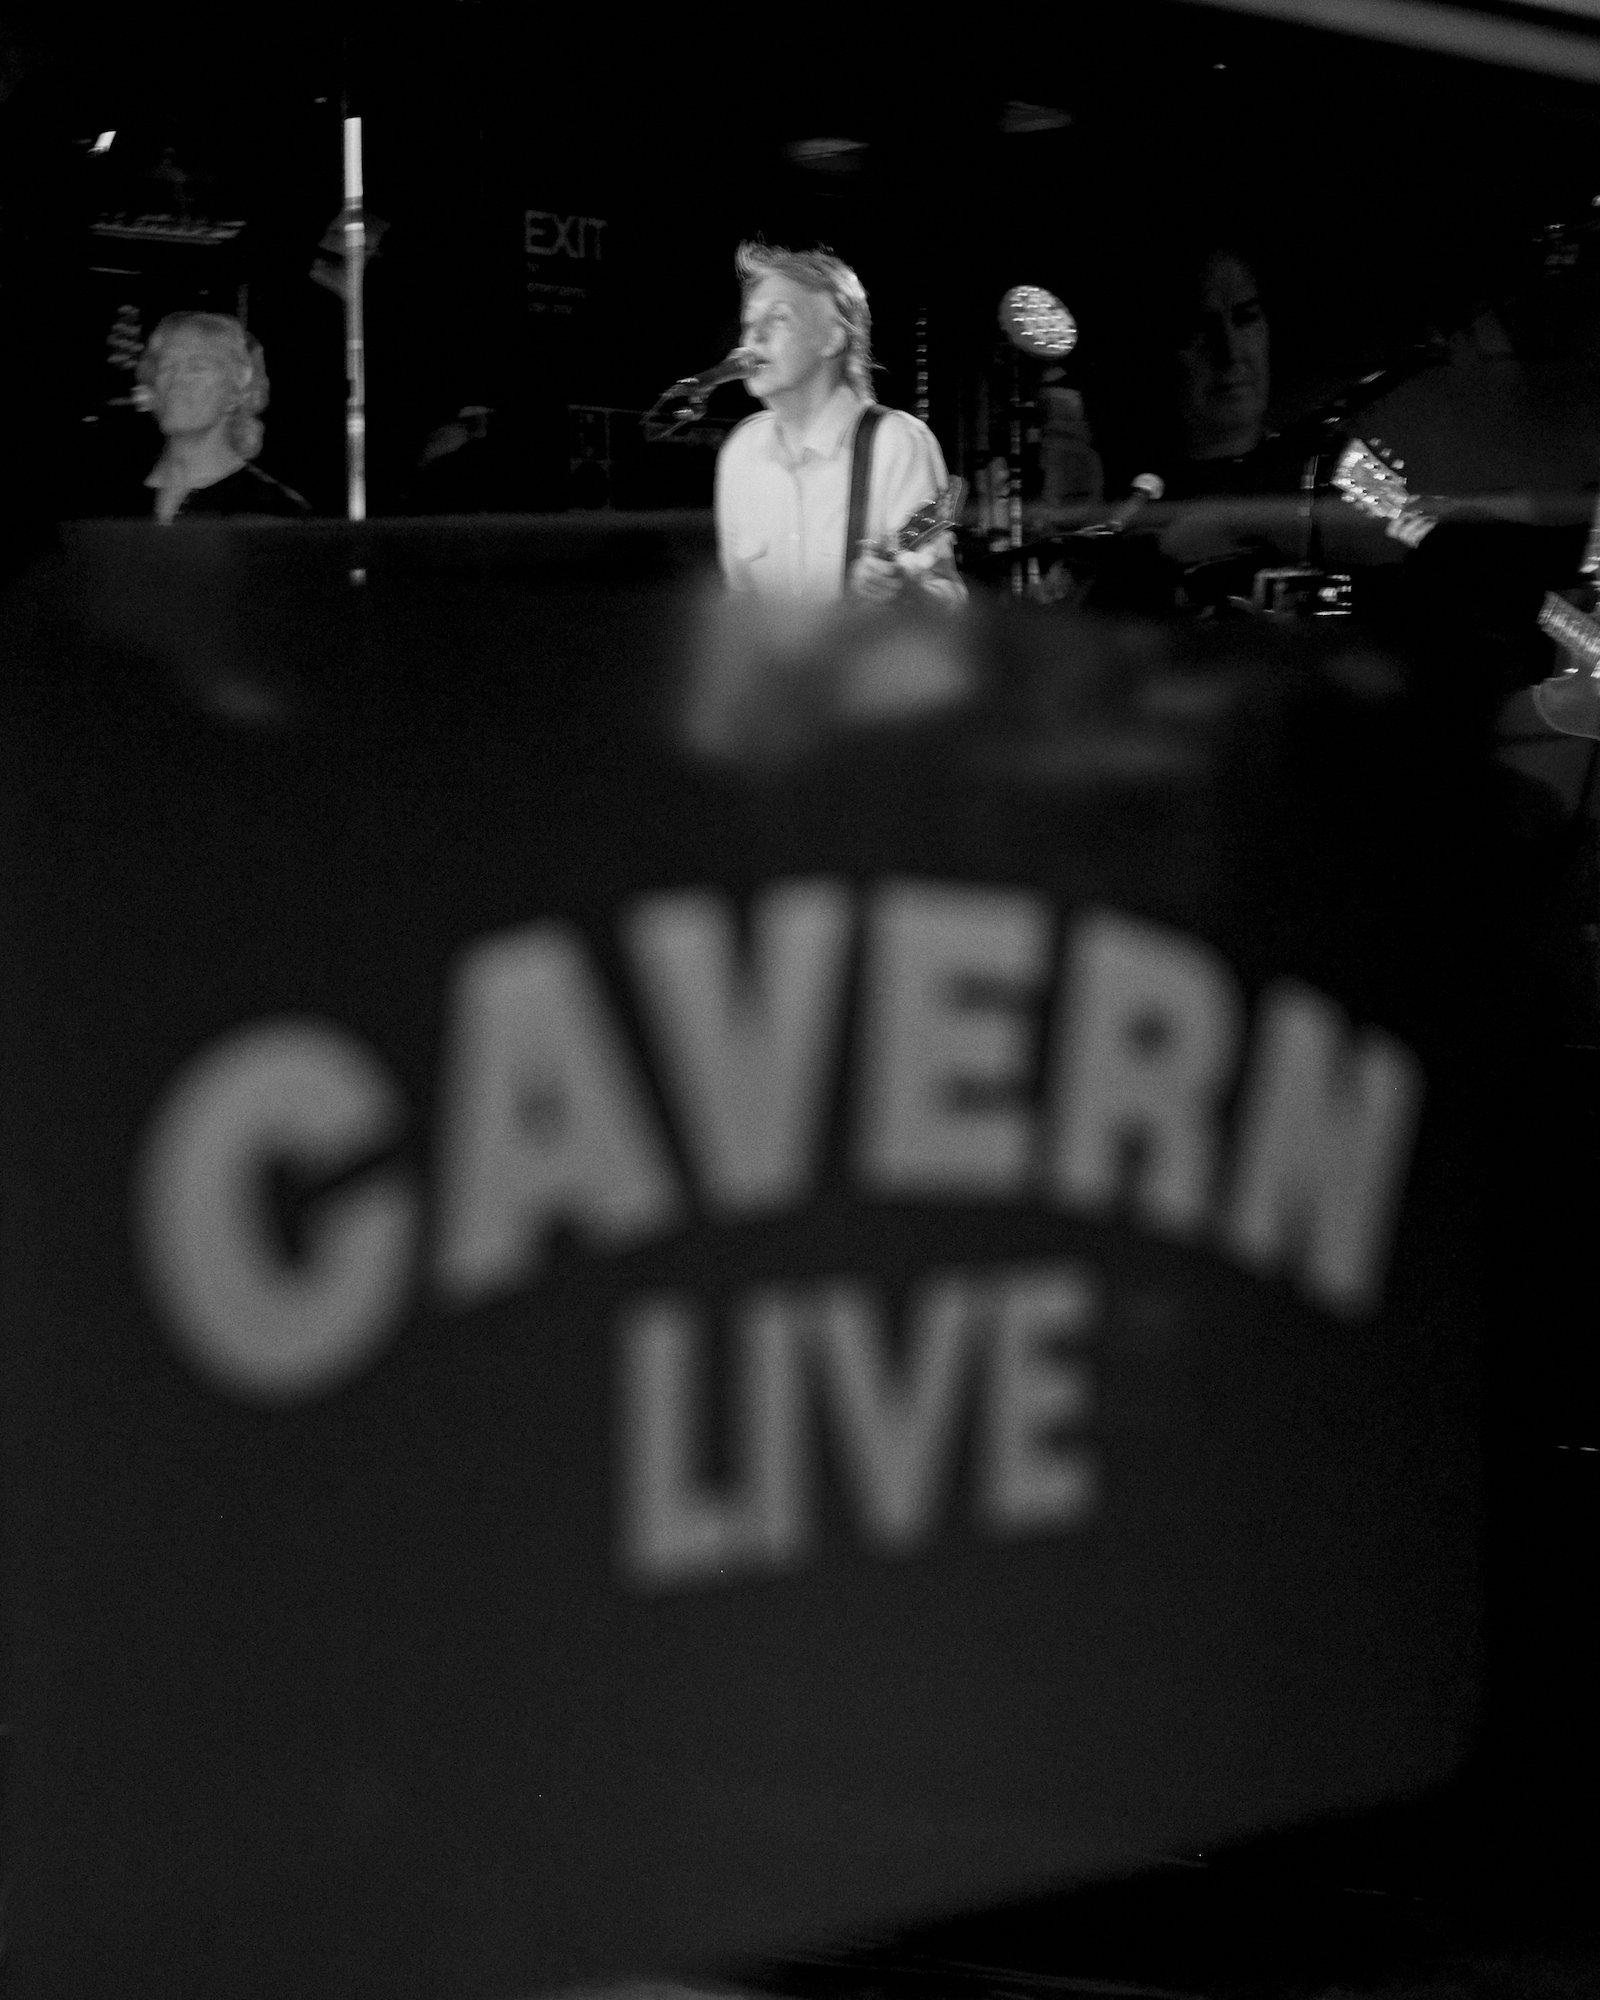 Paul McCartney relembra início de carreira com show surpresa no Cavern Club